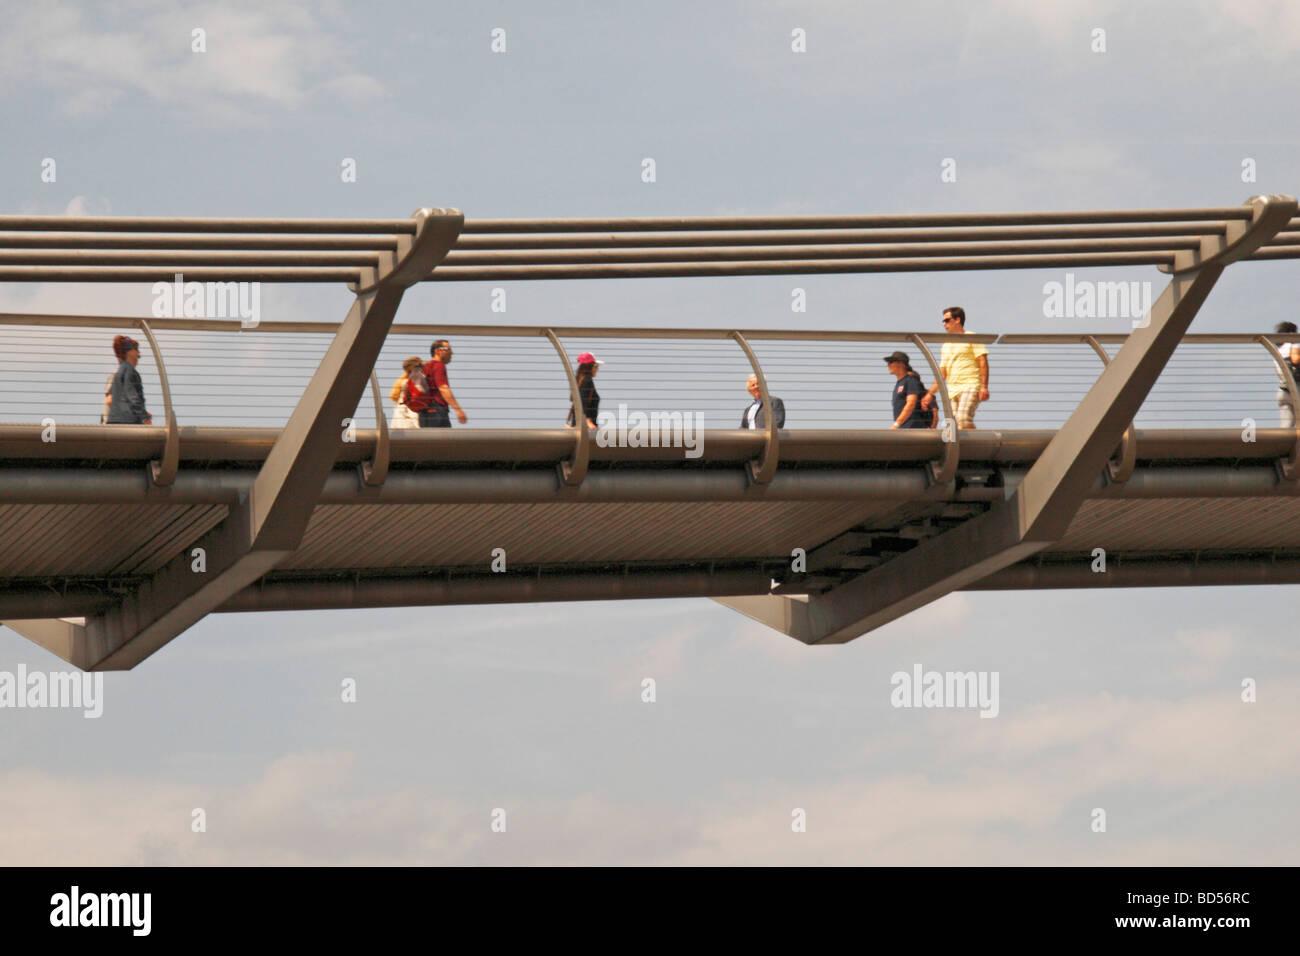 Une vue rapprochée de personnes marchant sur le Millenium Bridge sur la Tamise à Londres au Royaume-Uni. Photo Stock